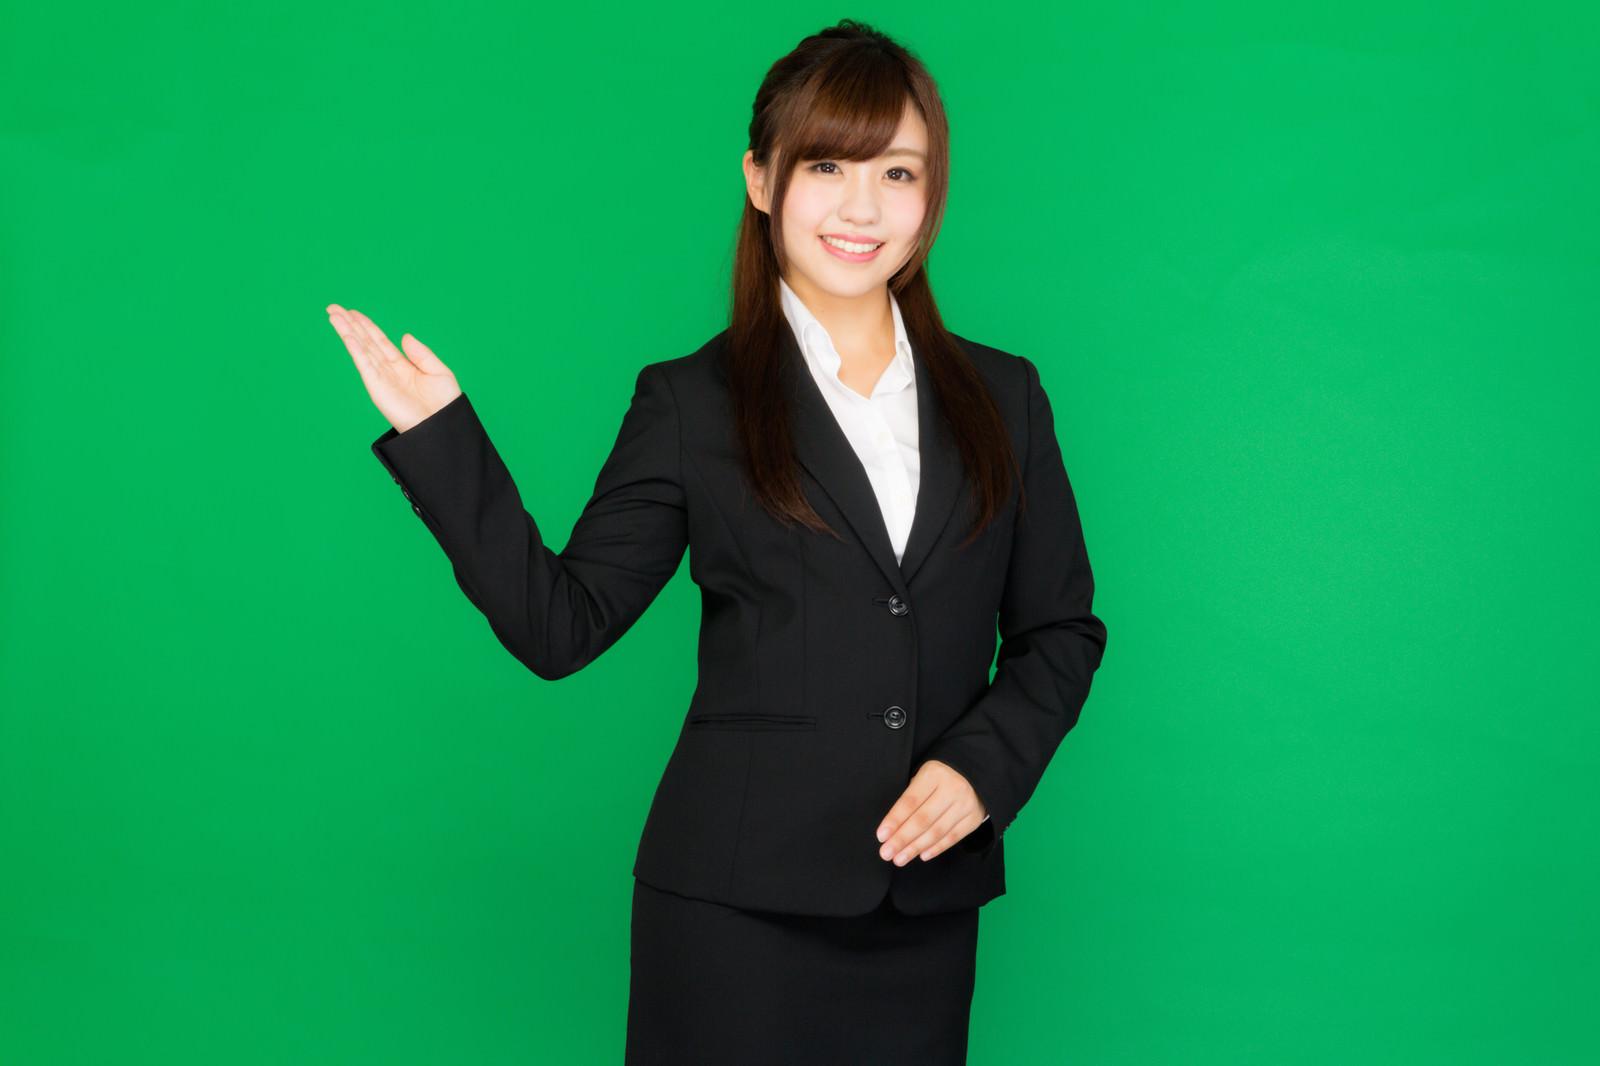 「案内する受付・インフォメーションの女性(グリーンバック)案内する受付・インフォメーションの女性(グリーンバック)」[モデル:河村友歌]のフリー写真素材を拡大